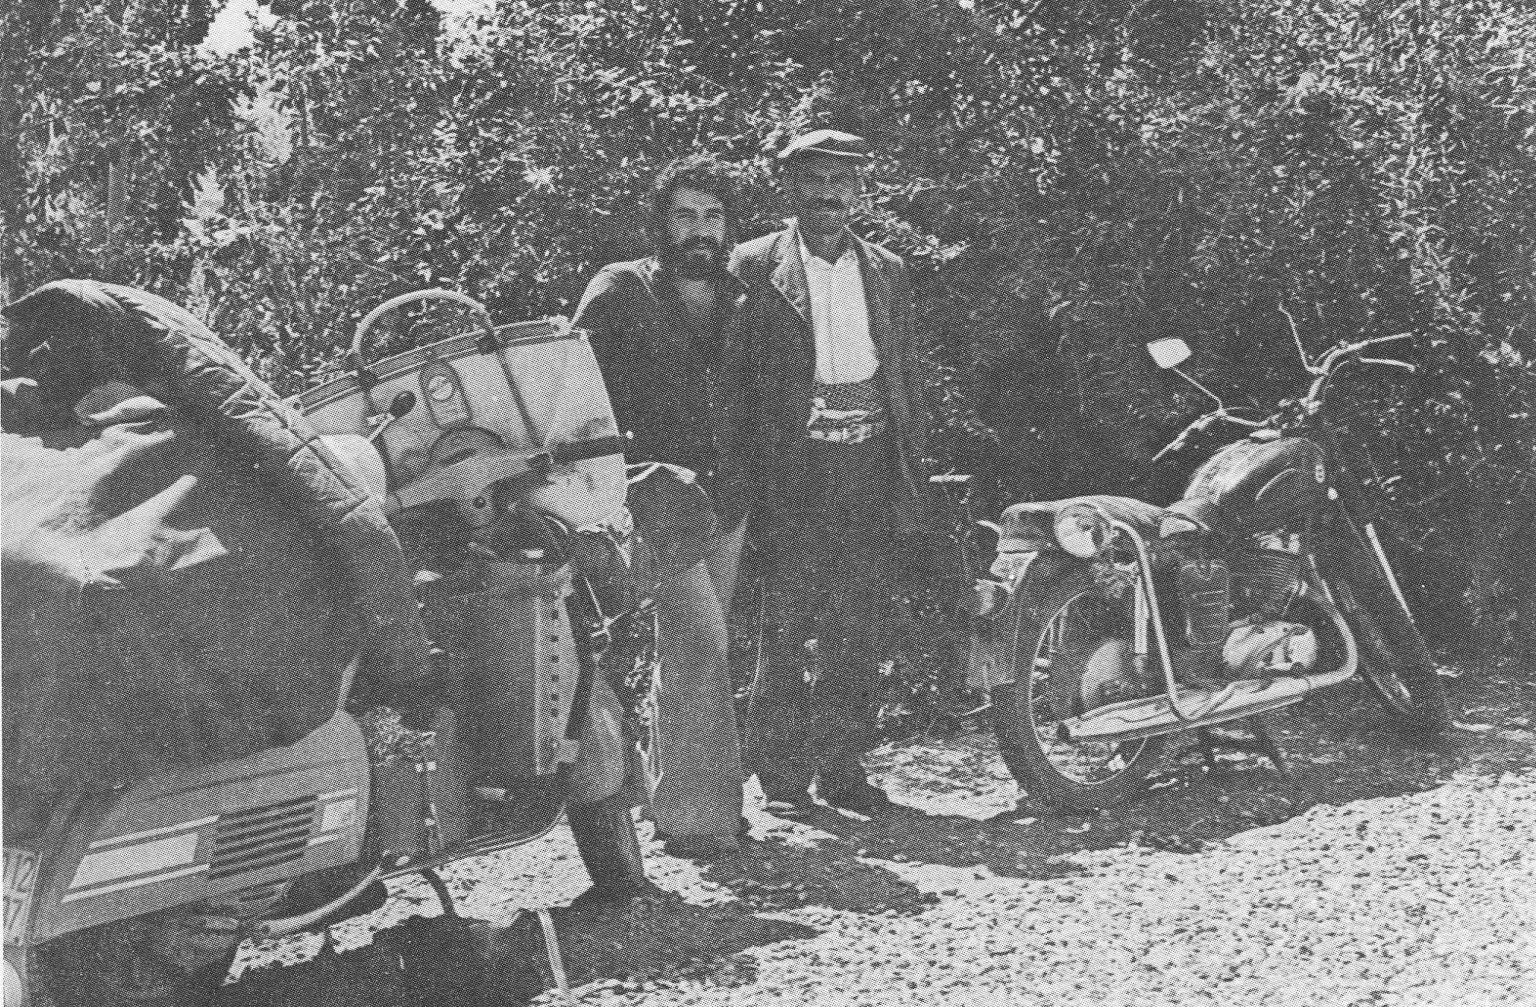 Amarcord, in bianco e nero (sgranato), del viaggio in Vespa verso l'India.